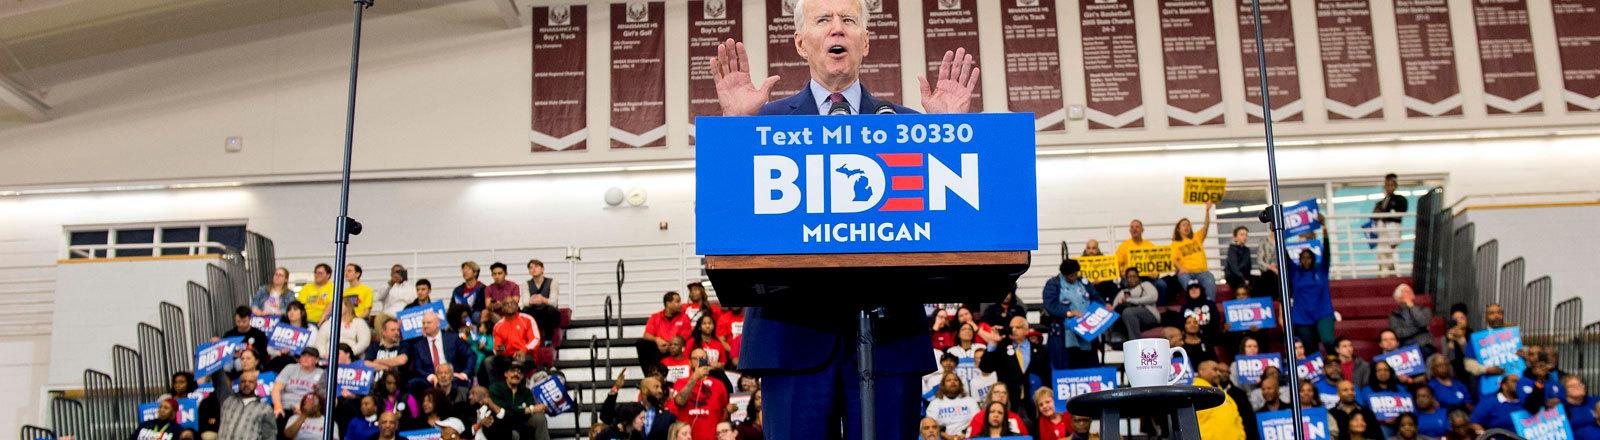 Joe Biden redet zu seinen Anhängern in Detroit, Michigan (09.03.2020)